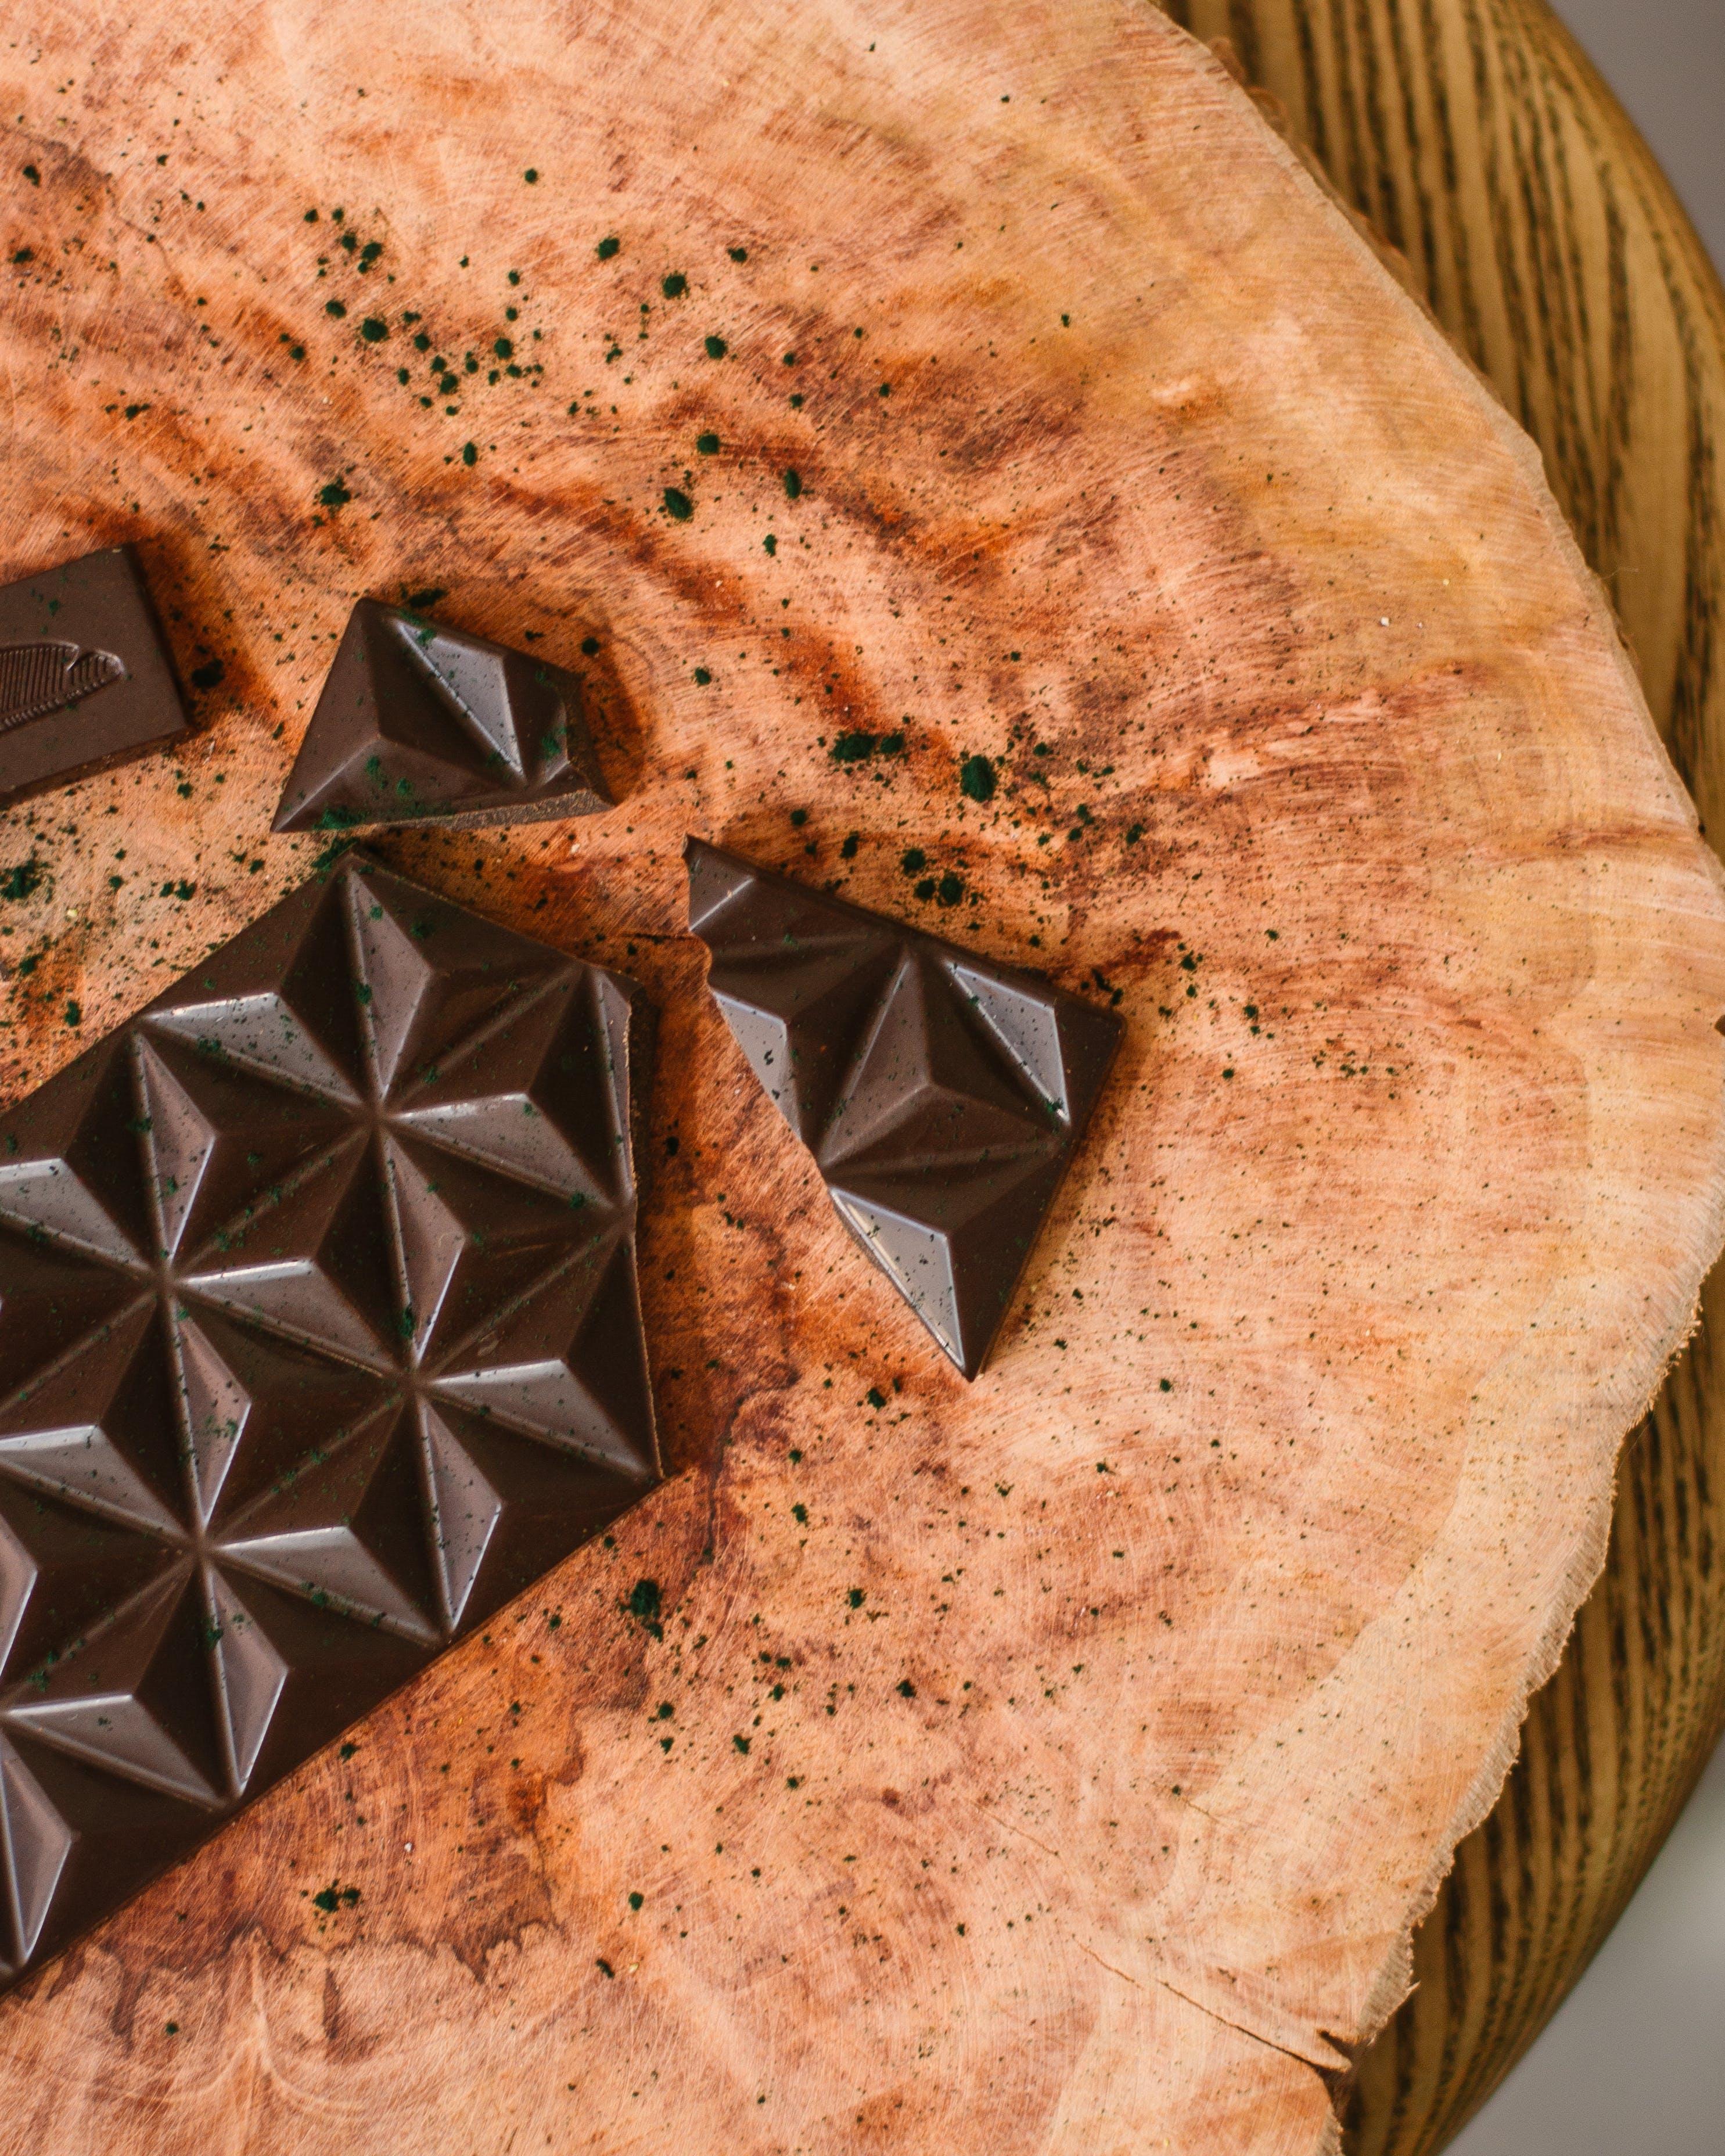 Gratis lagerfoto af chokolade, chokoladebar, close-up, Epicure